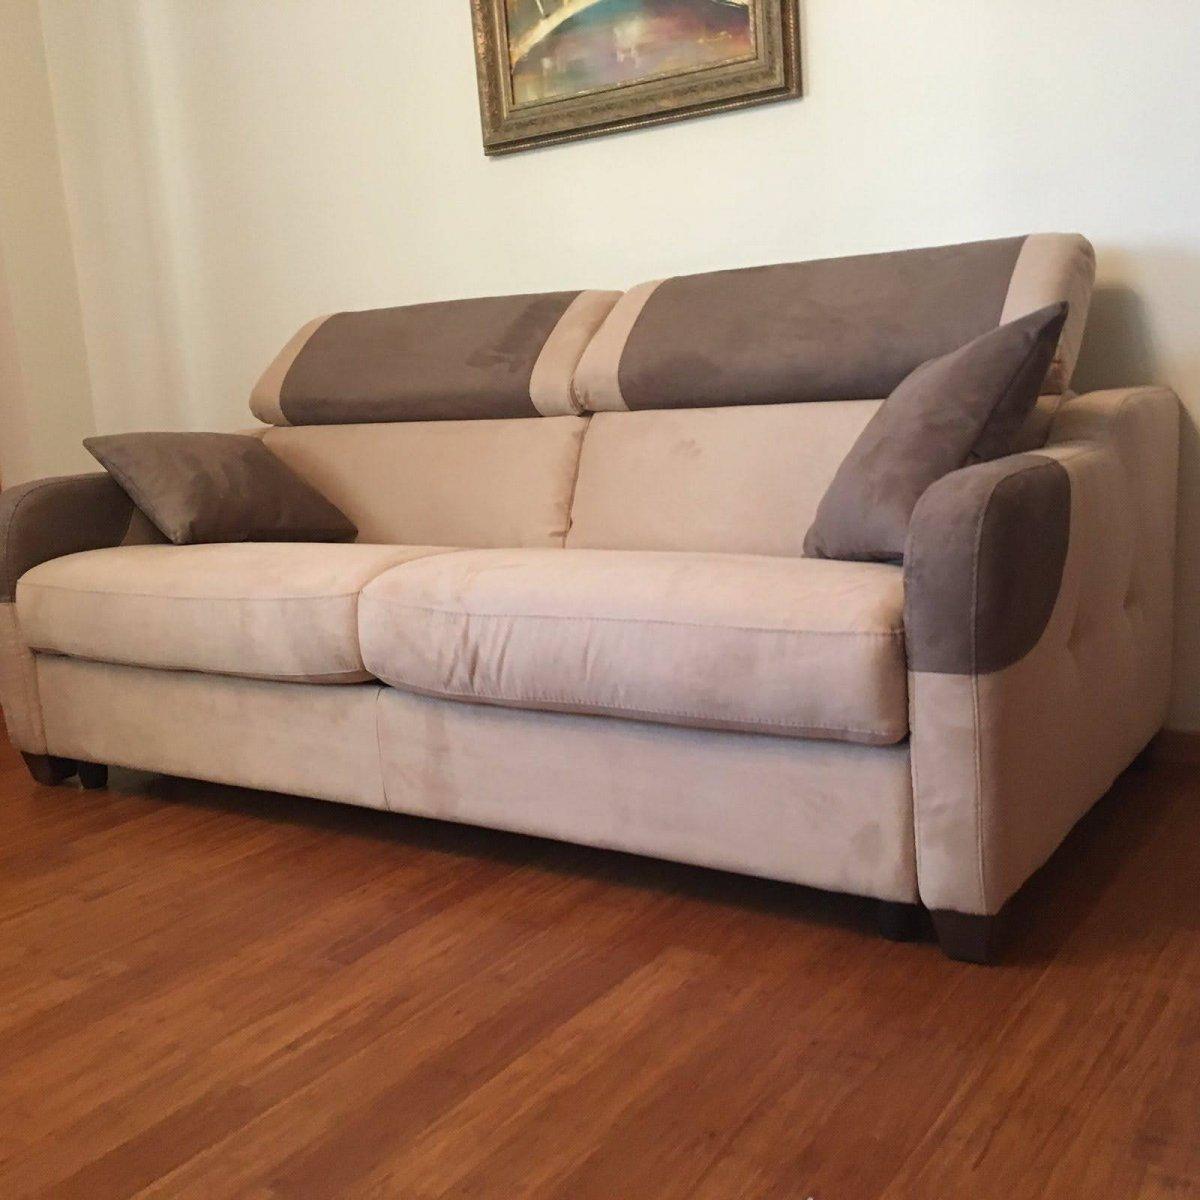 sofa-lova-pastoviam-miegui.jpg